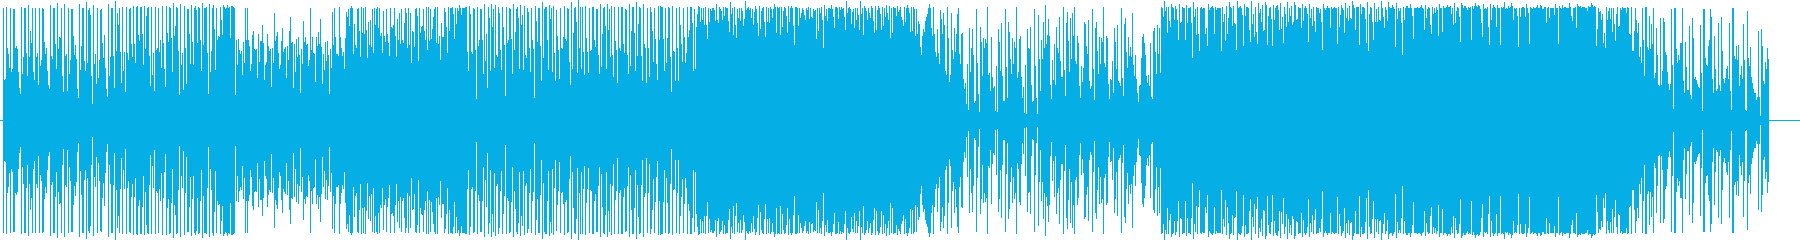 クールで落ち着いたテンポのBGMの再生済みの波形